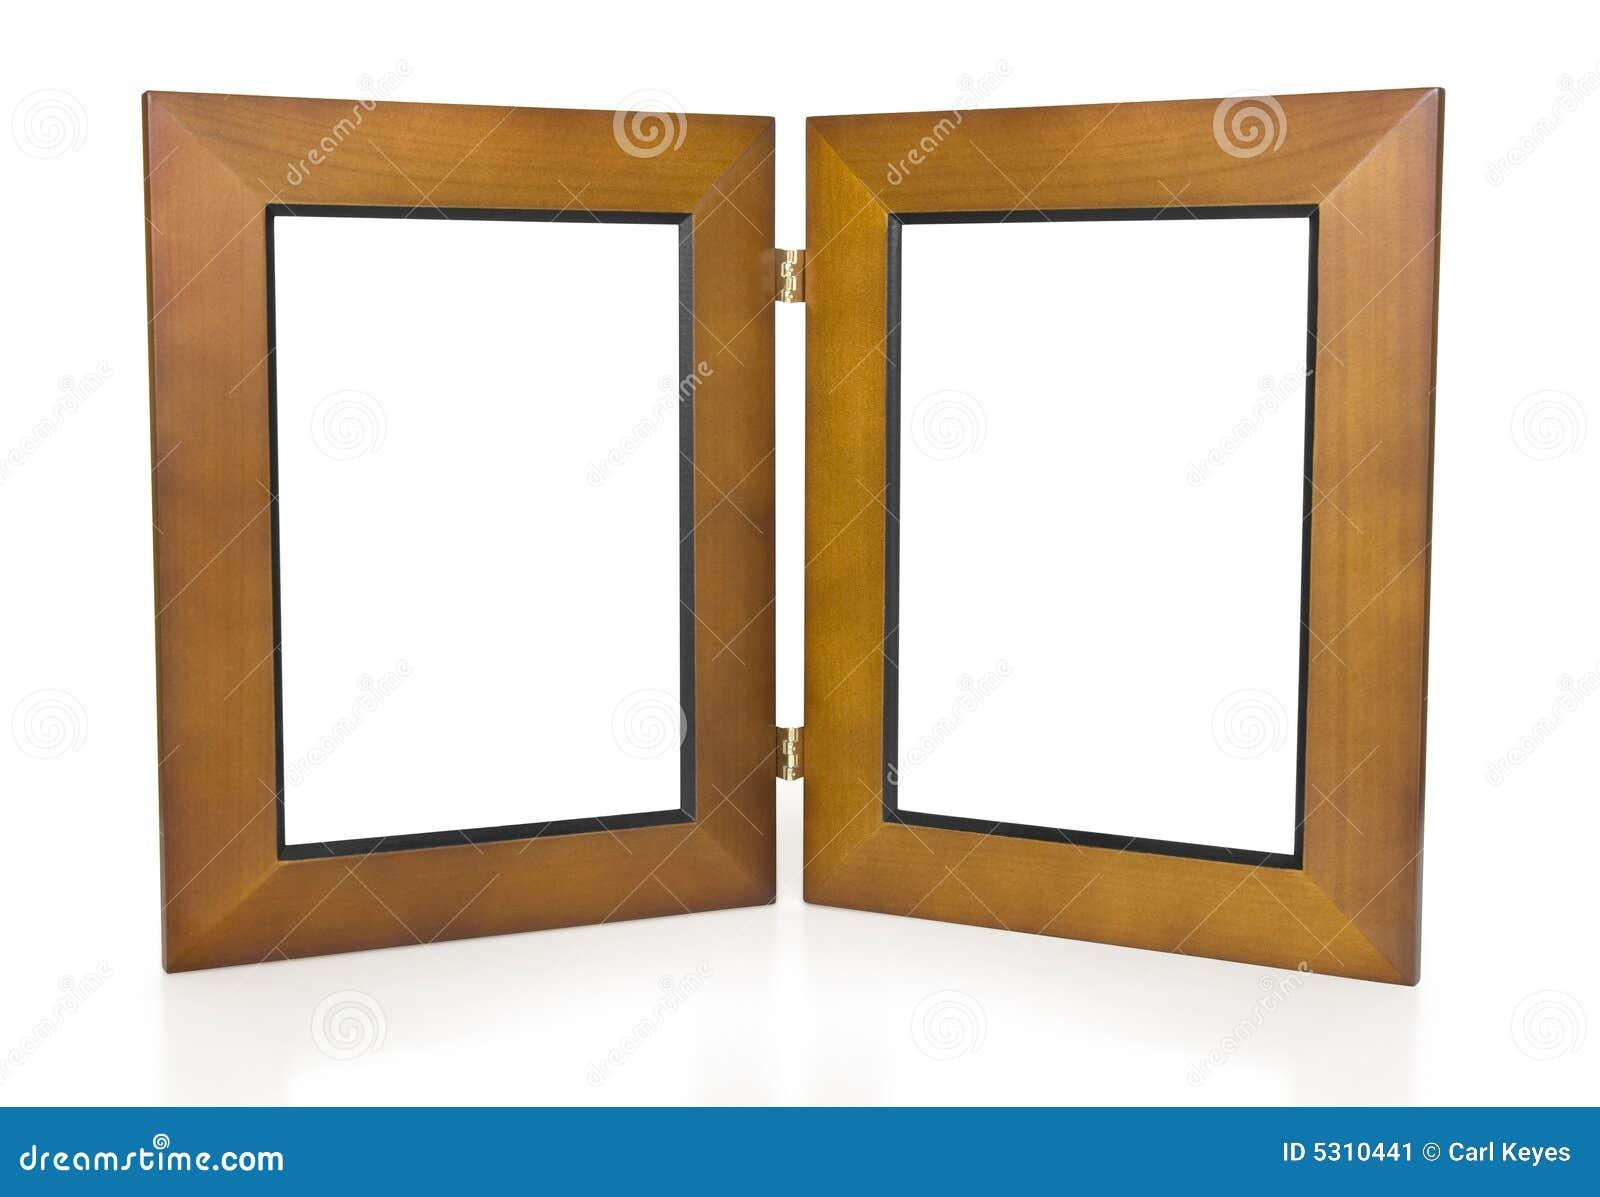 Dos marcos con bisagras de madera imagen de archivo - Bisagras para madera ...